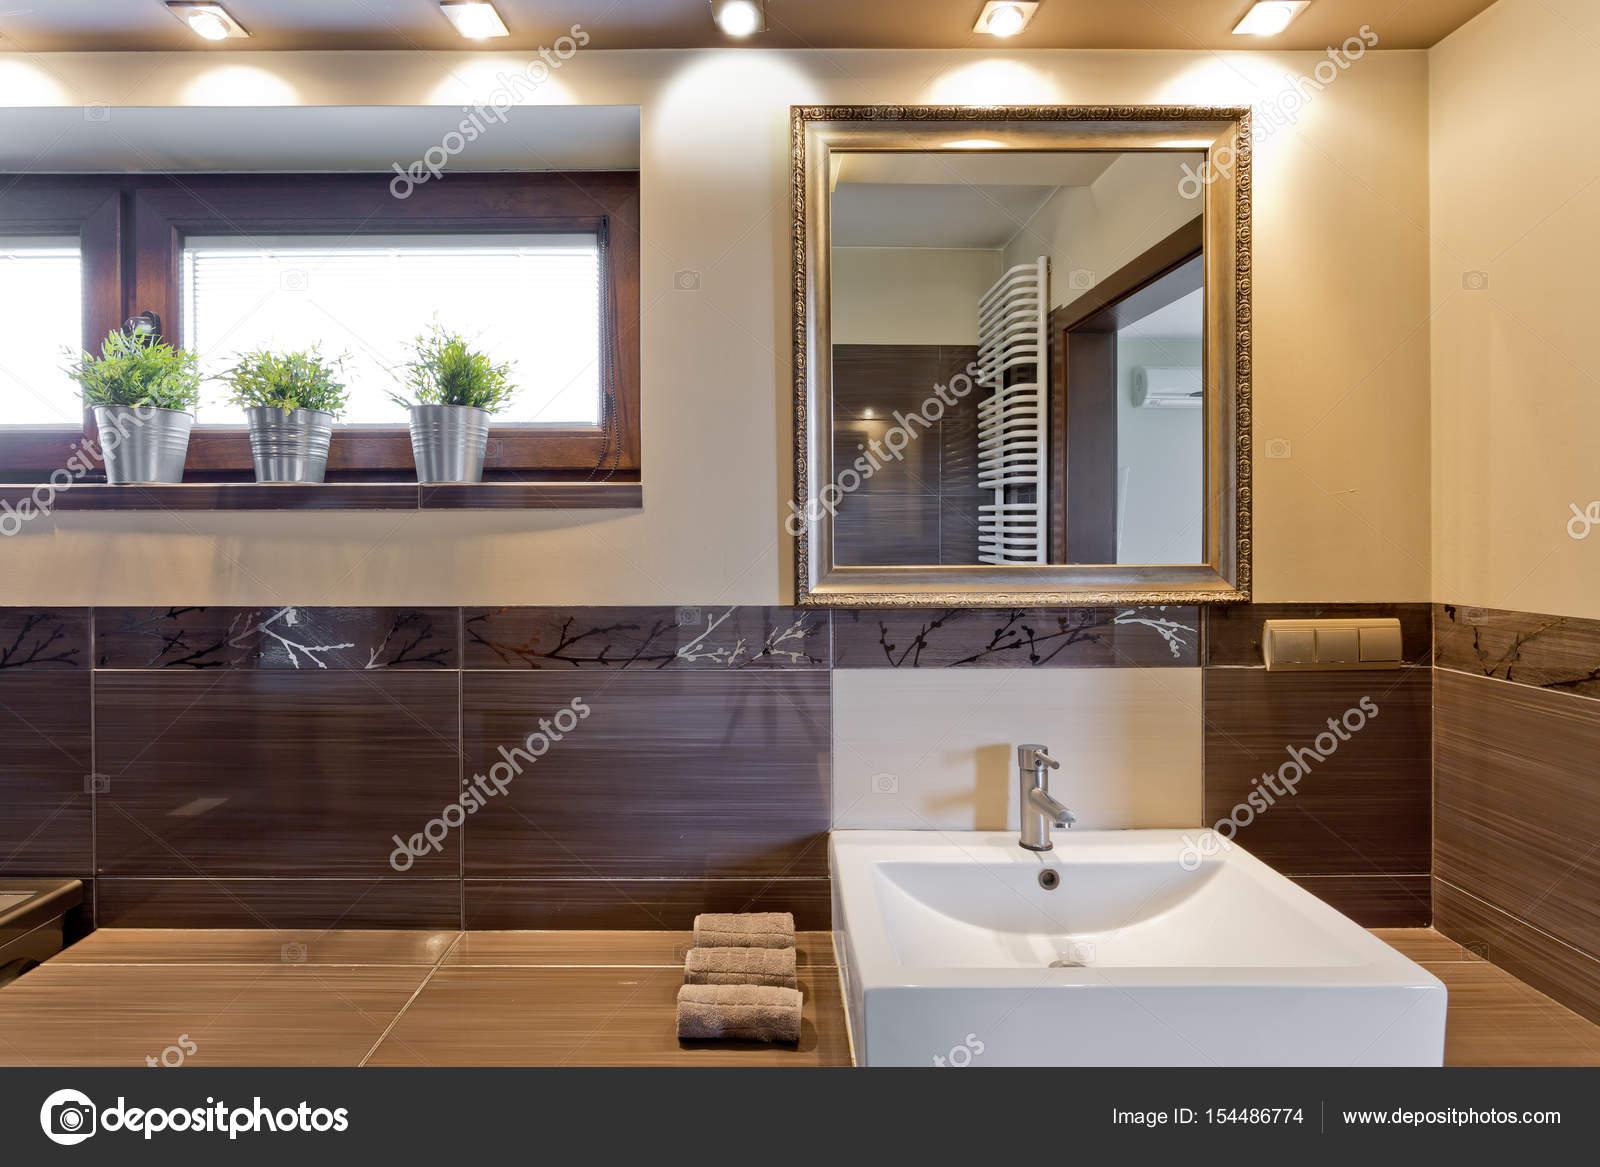 Van Boven Badkamers : Bruin badkamer met spiegel boven de wastafel u stockfoto